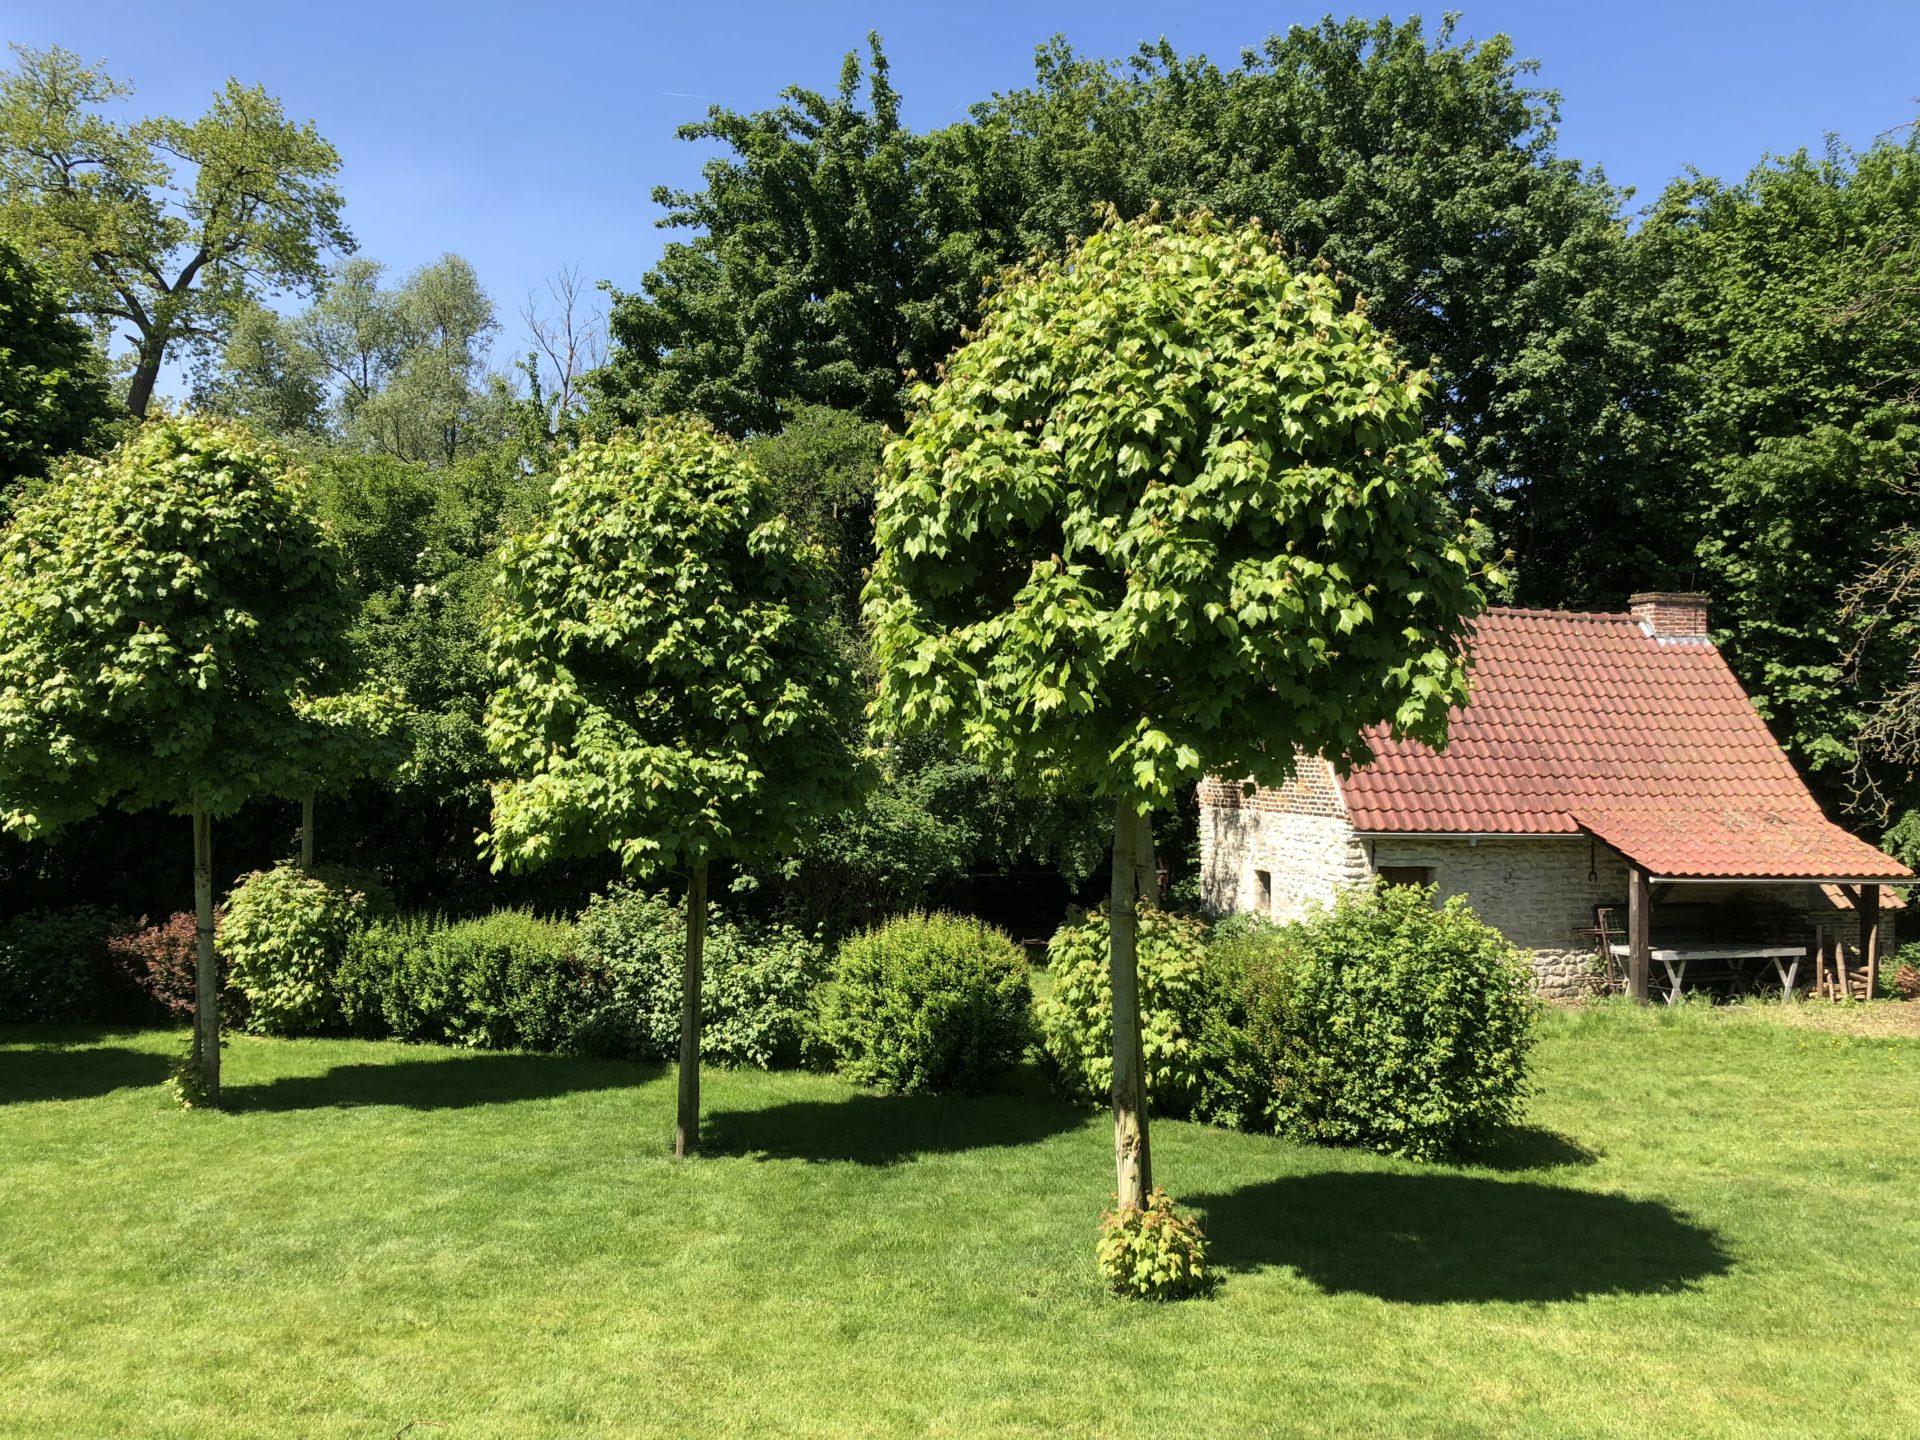 Fêtes privées - Hof ter Musschen